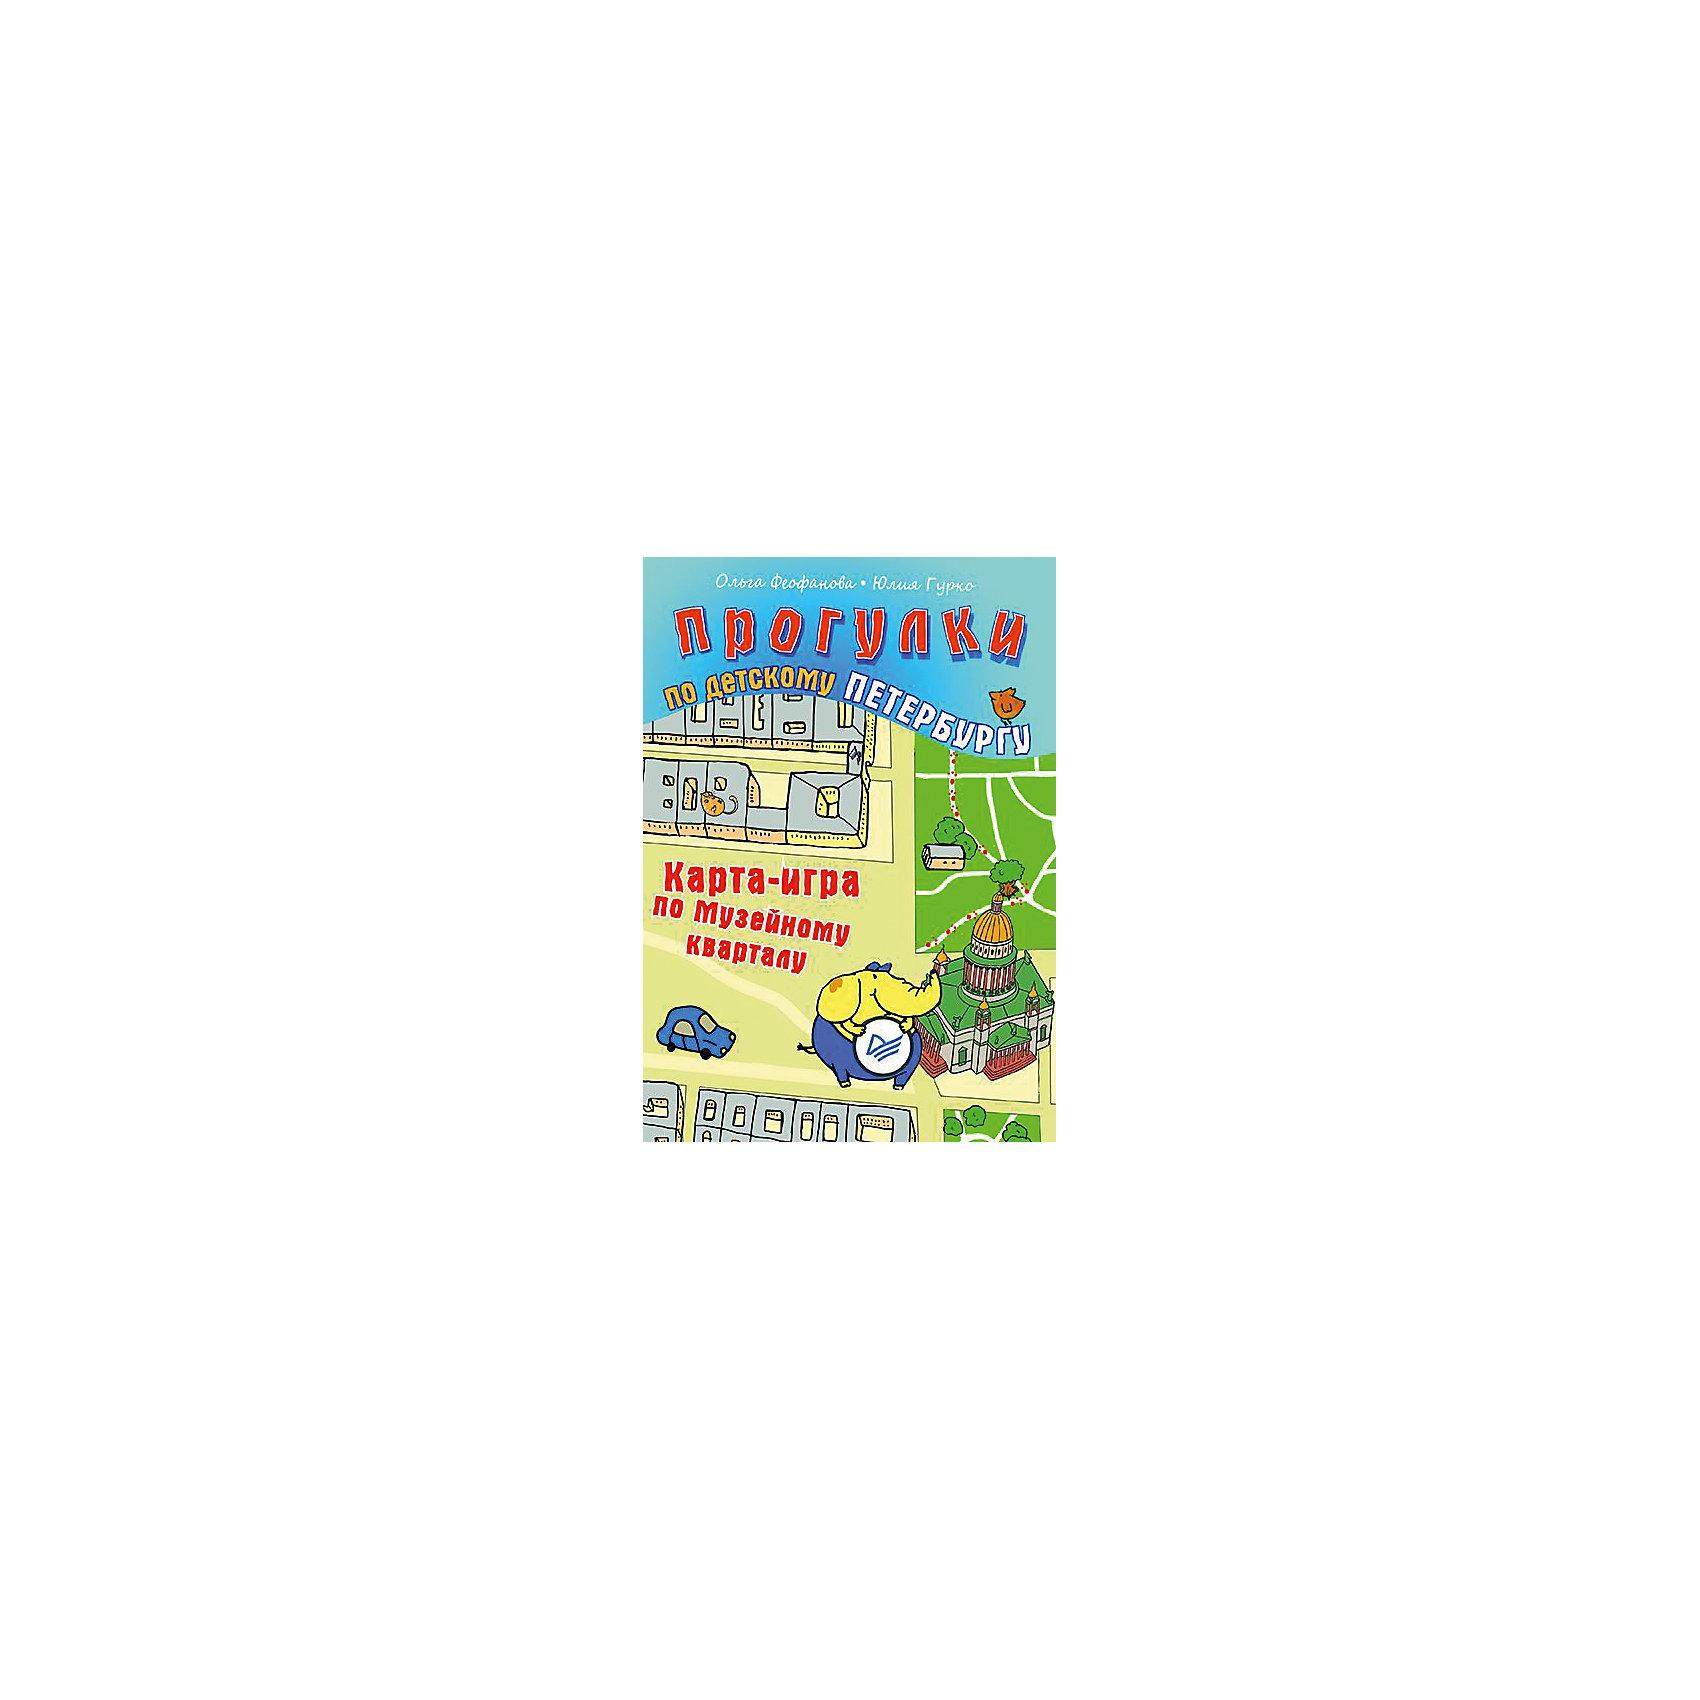 Карта-игра по Музейному кварталу, Прогулки по детскому ПетербургуАтласы и карты<br>Карта-игра по Музейному кварталу, Прогулки по детскому Петербургу<br><br>Характеристики:<br><br>- издательство: Питер<br>- тип обложки: мягкая<br>- иллюстрации: цветные<br>- количество страниц: 1 <br>- формат: 21 * 15 см.<br>- вес: 20 гр.<br>- год издания: 2013 <br><br>Интересная и яркая карта содержит все основные музеи и соборы Санкт-Петербурга. На карте проложен маршрут, рассчитанный на 3-4 часа спокойной прогулки (без учета времени посещения музеев). Веселый слоненок Кузя будет рад провести эту экскурсию и расскажет основные сведения о том или ином музее маршрута. К каждой достопримечательности будет отдельное задание, которое ребенок сможет выполнить и записать в свою карту. На интересные вопросы о достопримечательностях можно ответить только побывав на месте. Карта поможет расширить кругозор ребенка, развить внимание и память, а также узнать много нового, совершив полезную и увлекательную прогулку по любимому городу.<br><br>Карту-игру по Музейному кварталу, Прогулки по детскому Петербургу можно купить в нашем интернет-магазине.<br><br>Ширина мм: 205<br>Глубина мм: 141<br>Высота мм: 40<br>Вес г: 22<br>Возраст от месяцев: 72<br>Возраст до месяцев: 168<br>Пол: Унисекс<br>Возраст: Детский<br>SKU: 5199697